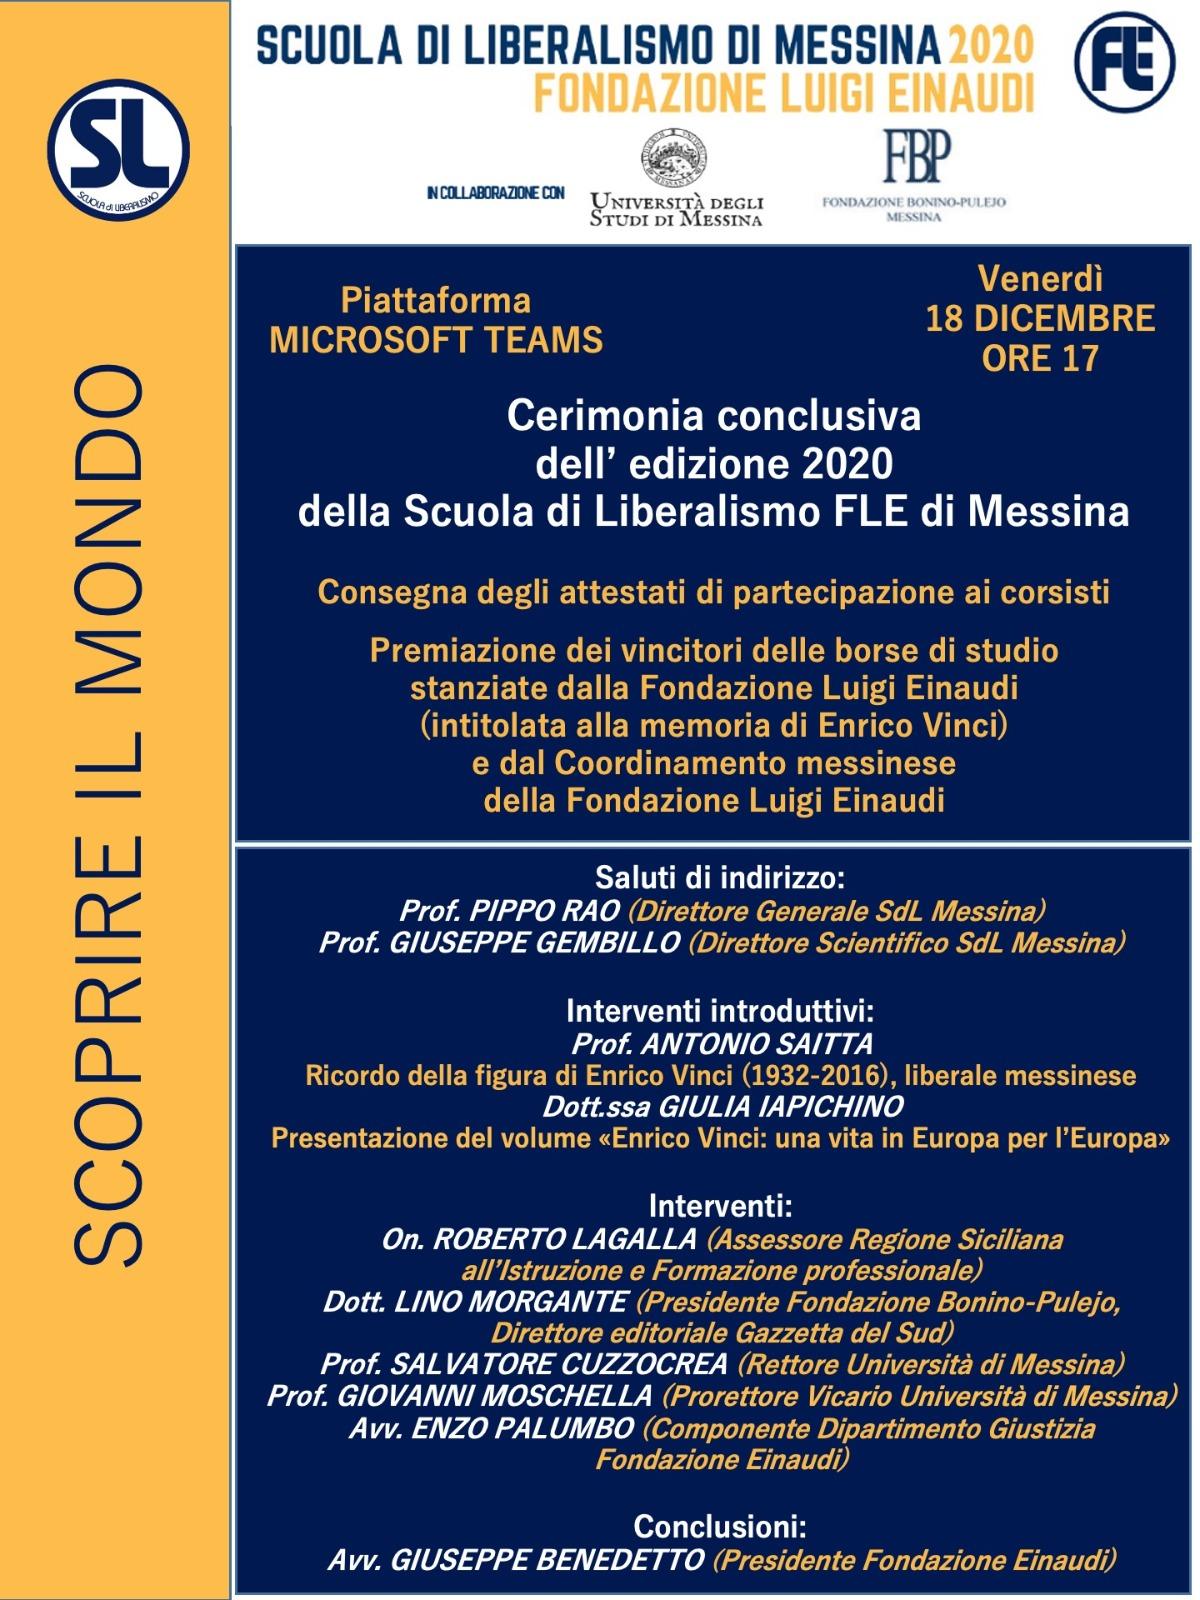 Scuola di Liberalismo 2020 Messina: 18 dicembre cerimonia conclusiva